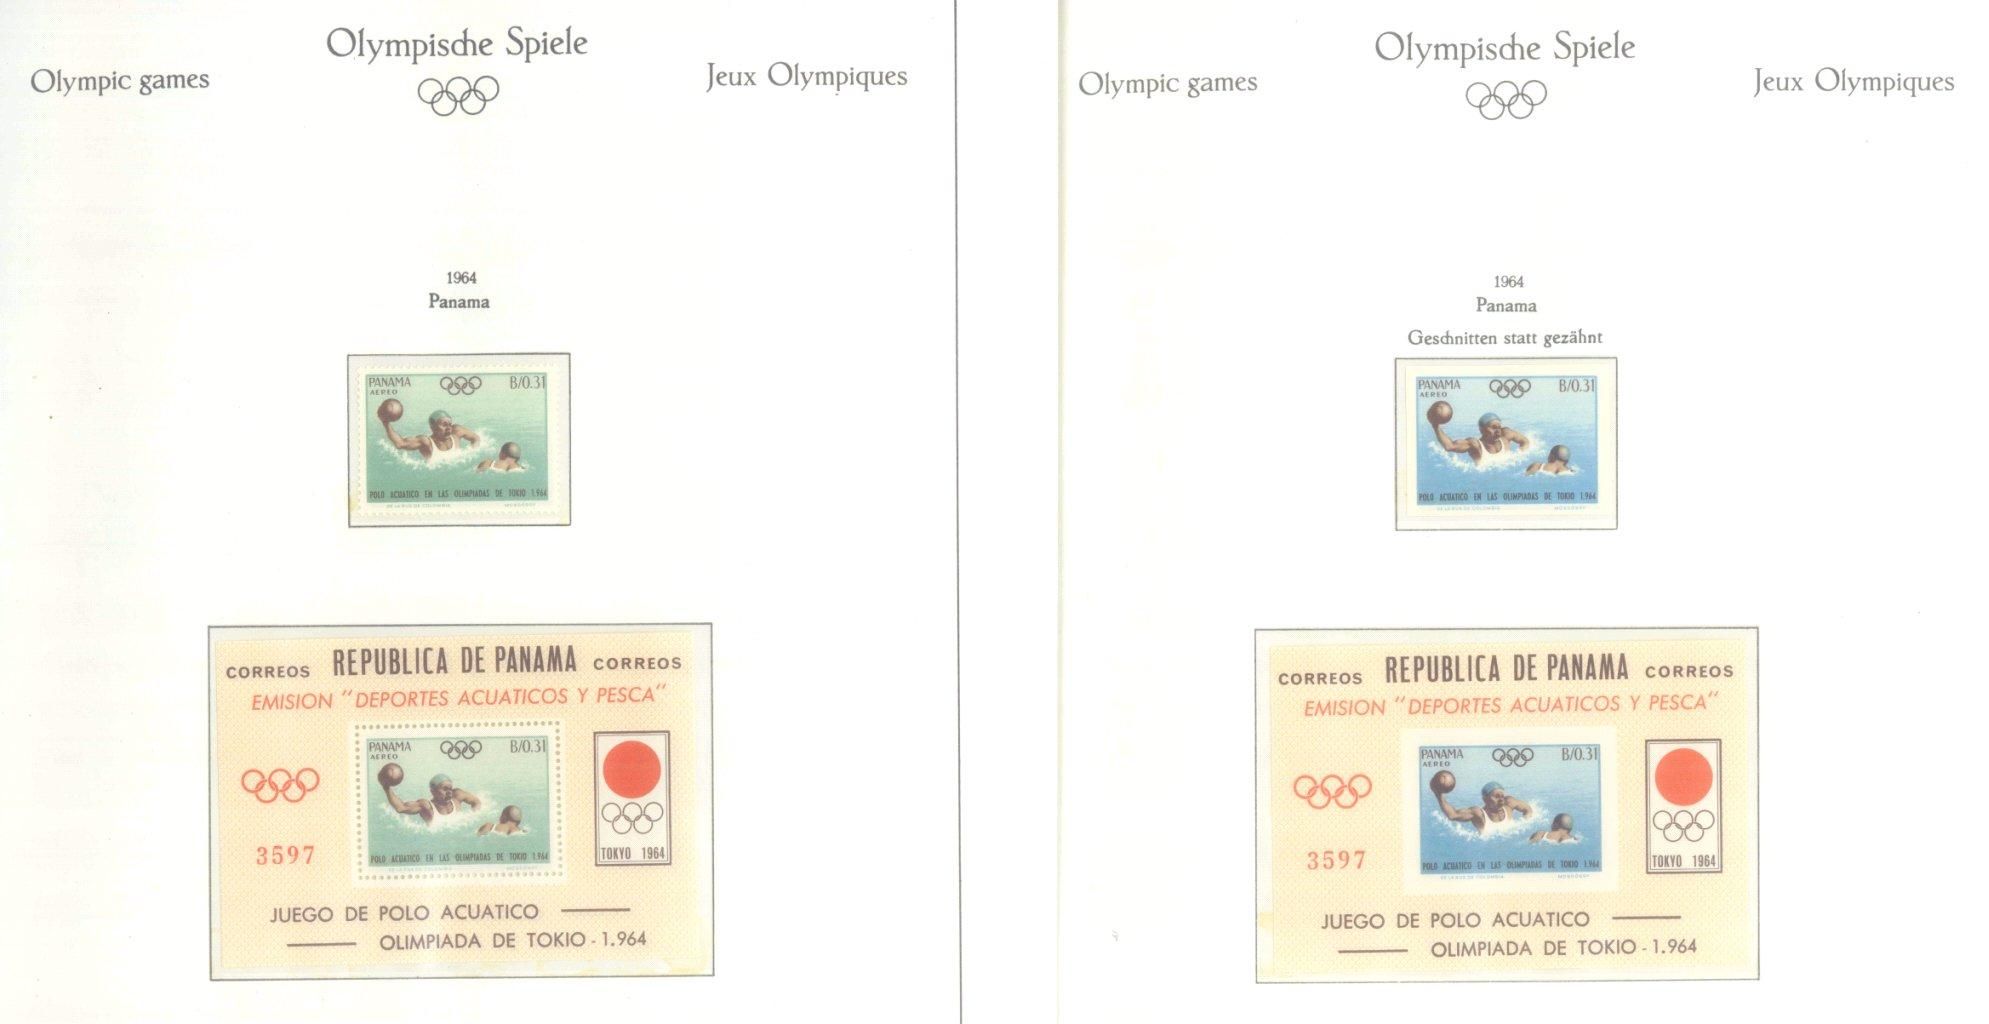 OLYMPISCHE SPIELE 1964 TOKIO, postfrische Sammlung Teil 2-3